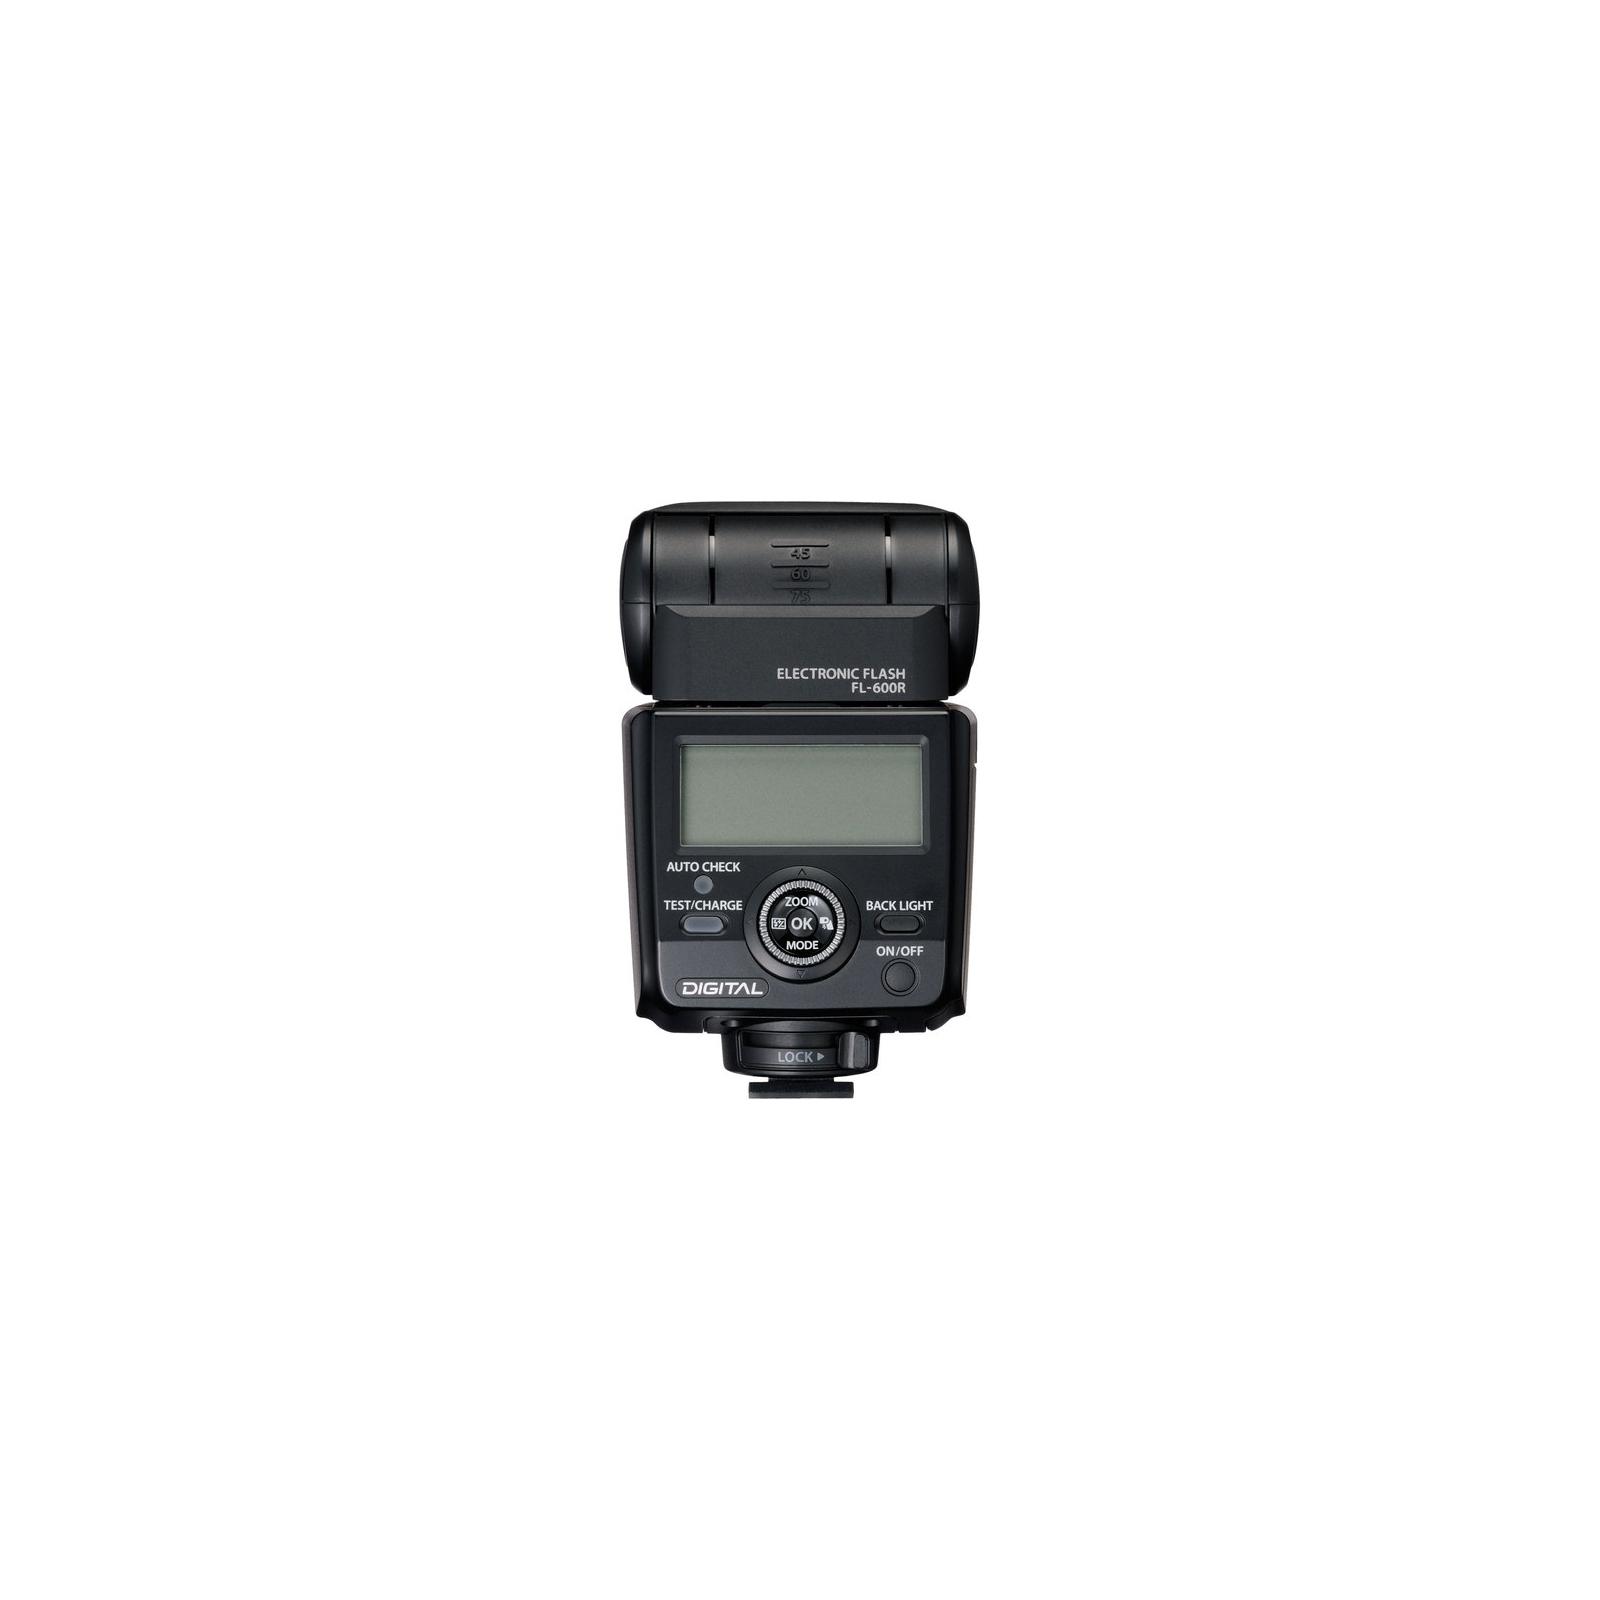 Вспышка OLYMPUS Flash FL-600R (V3261300E000) изображение 2